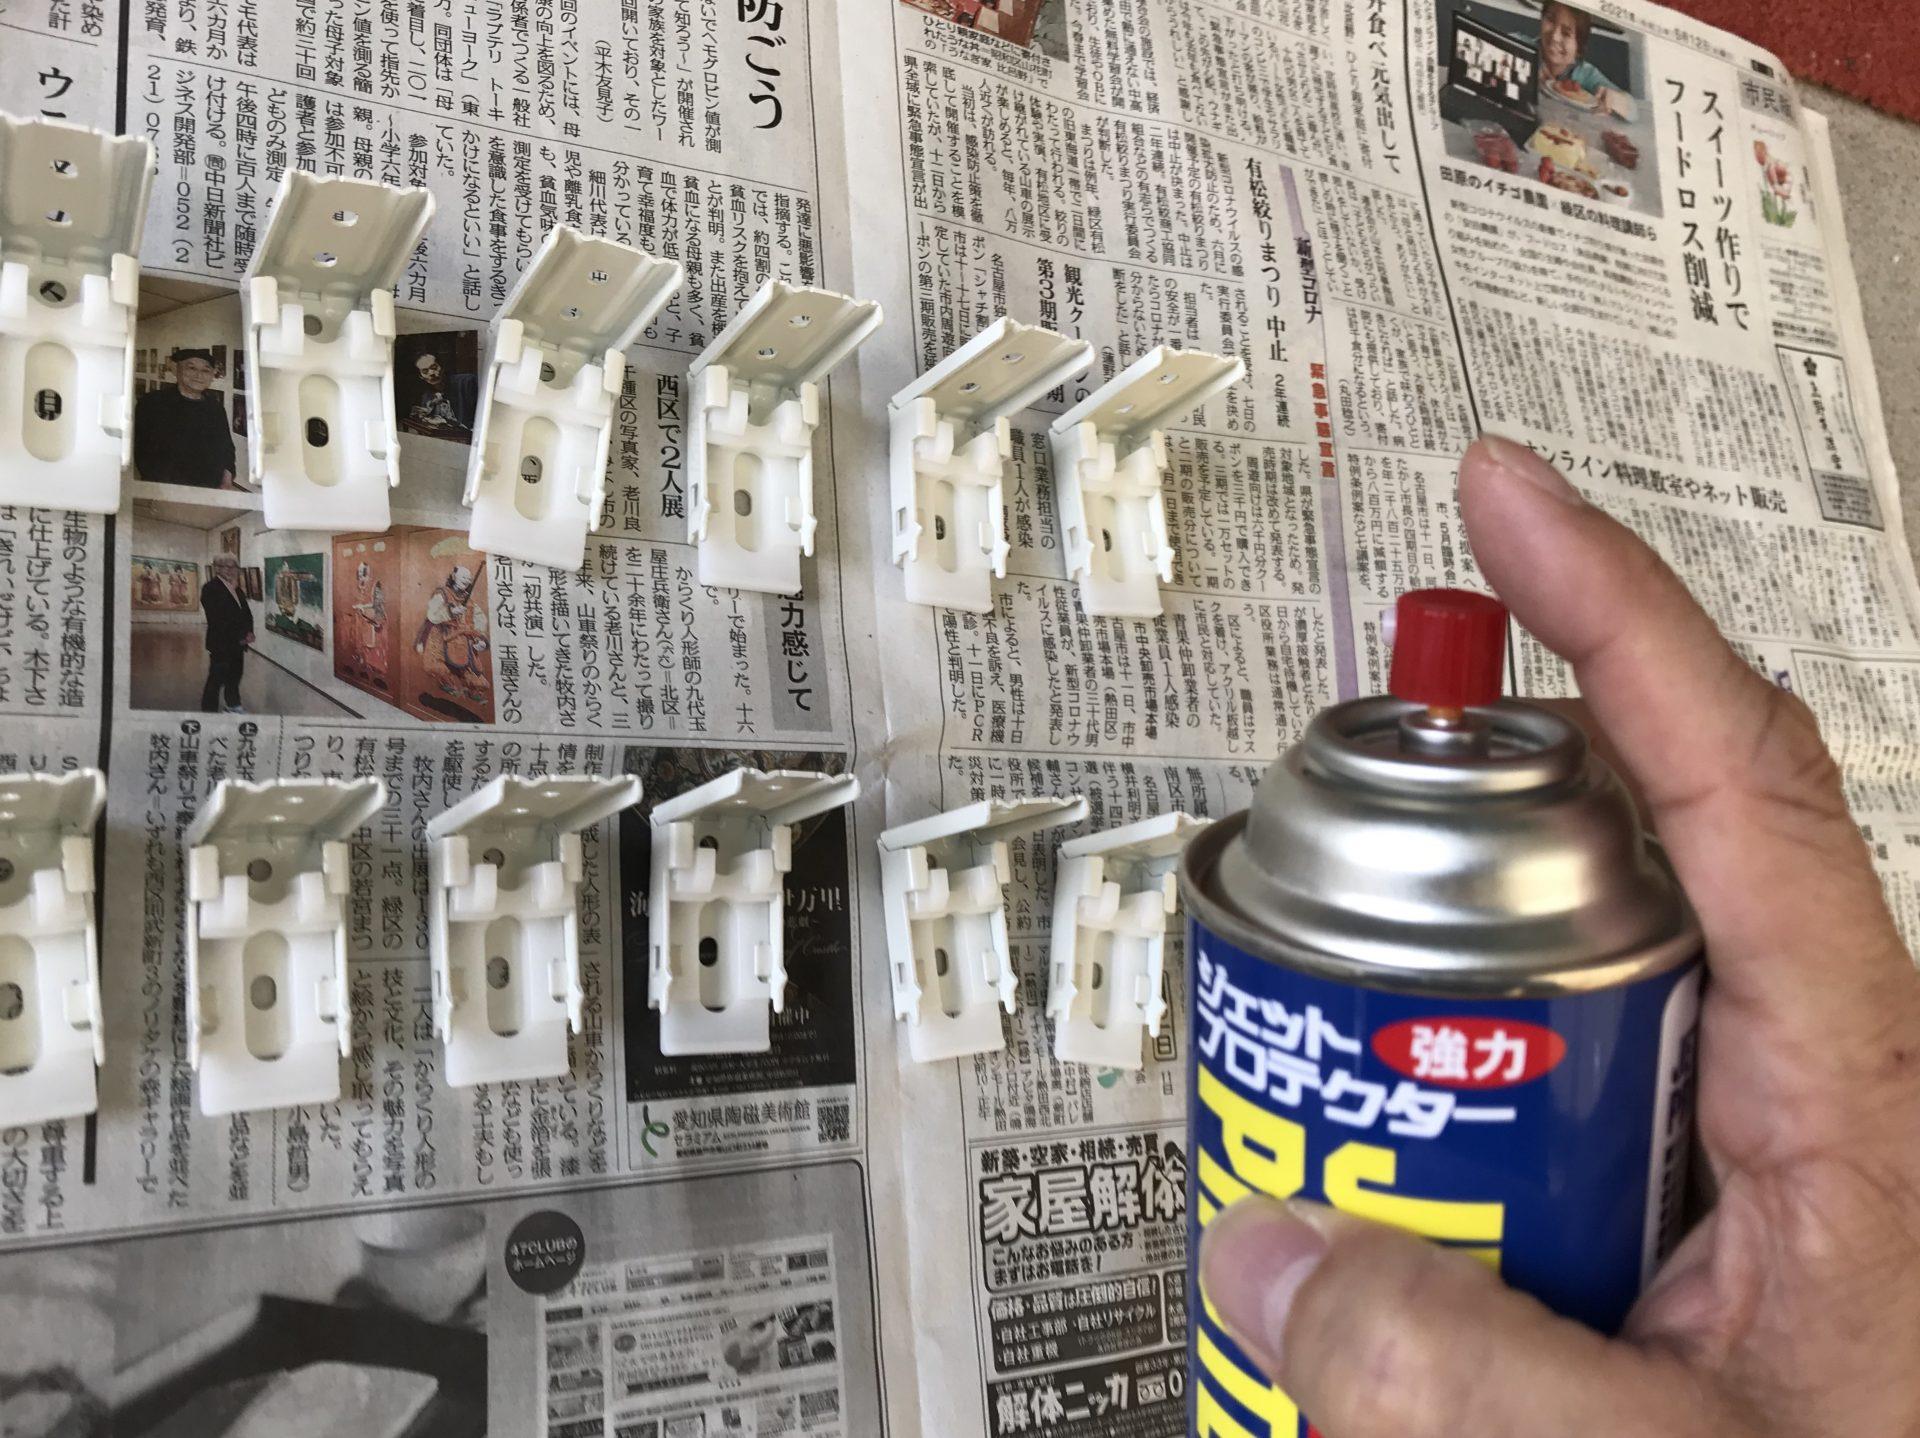 樹脂硬化防止スプレー